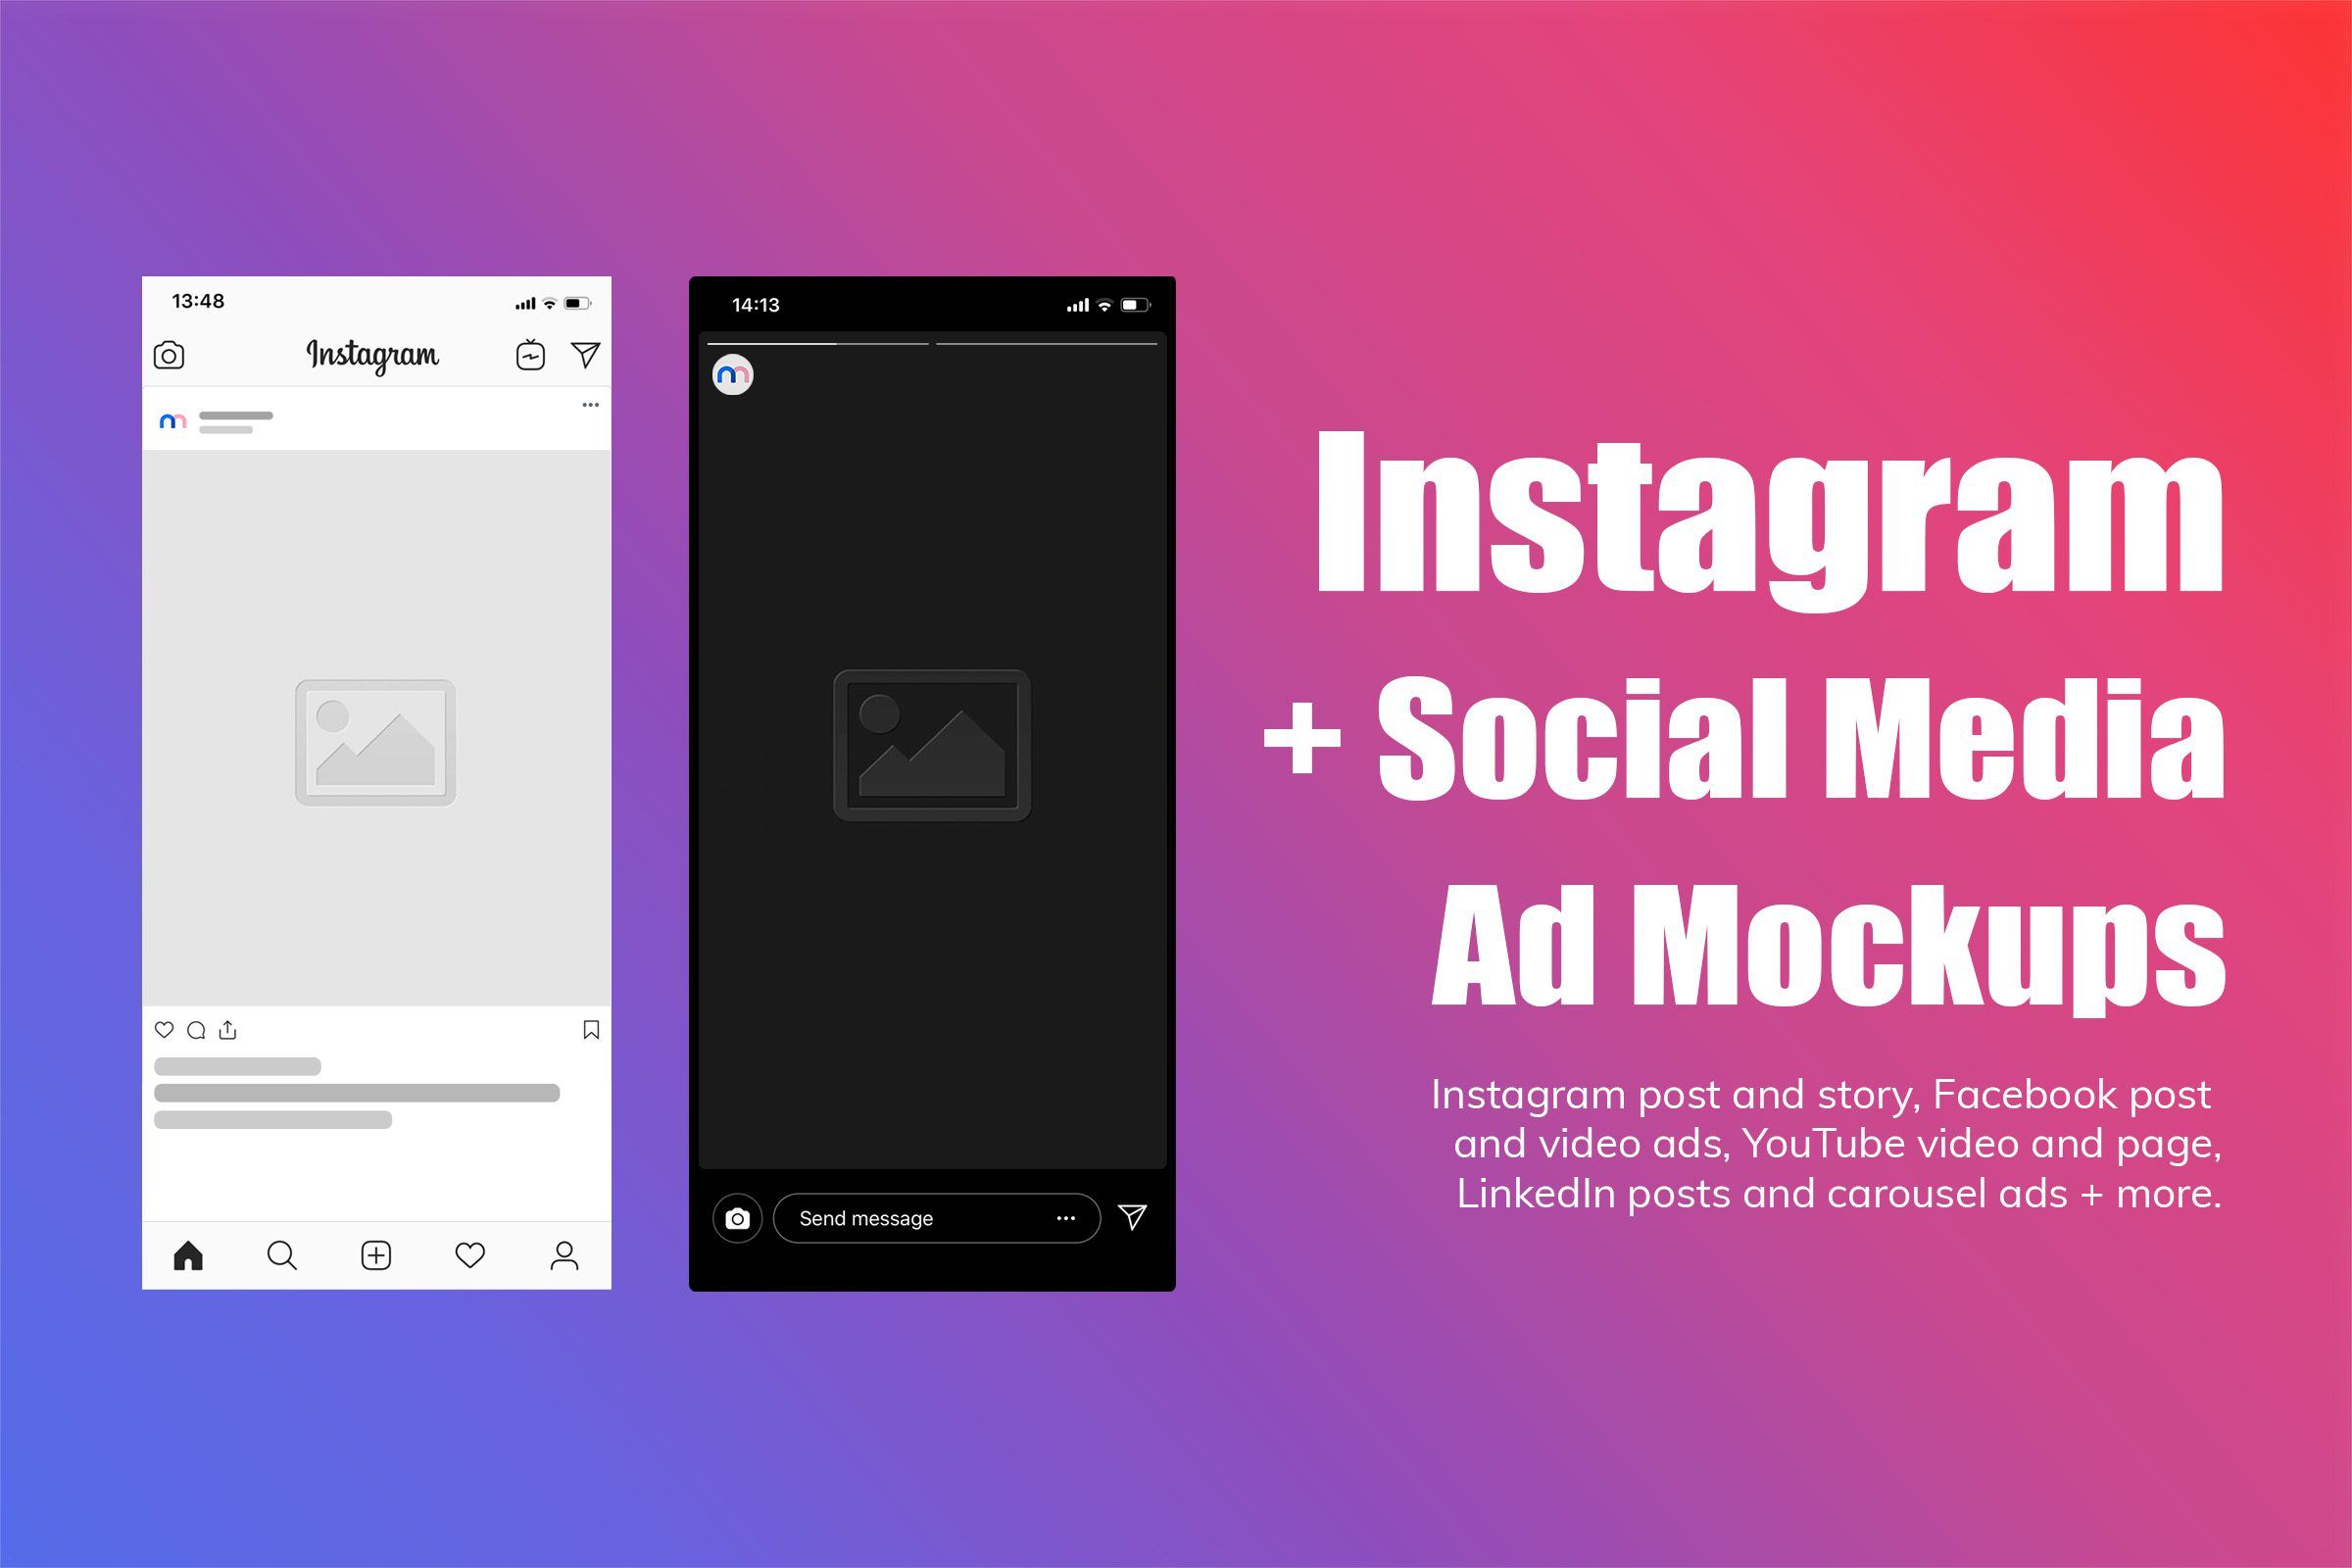 Instagram Mockups